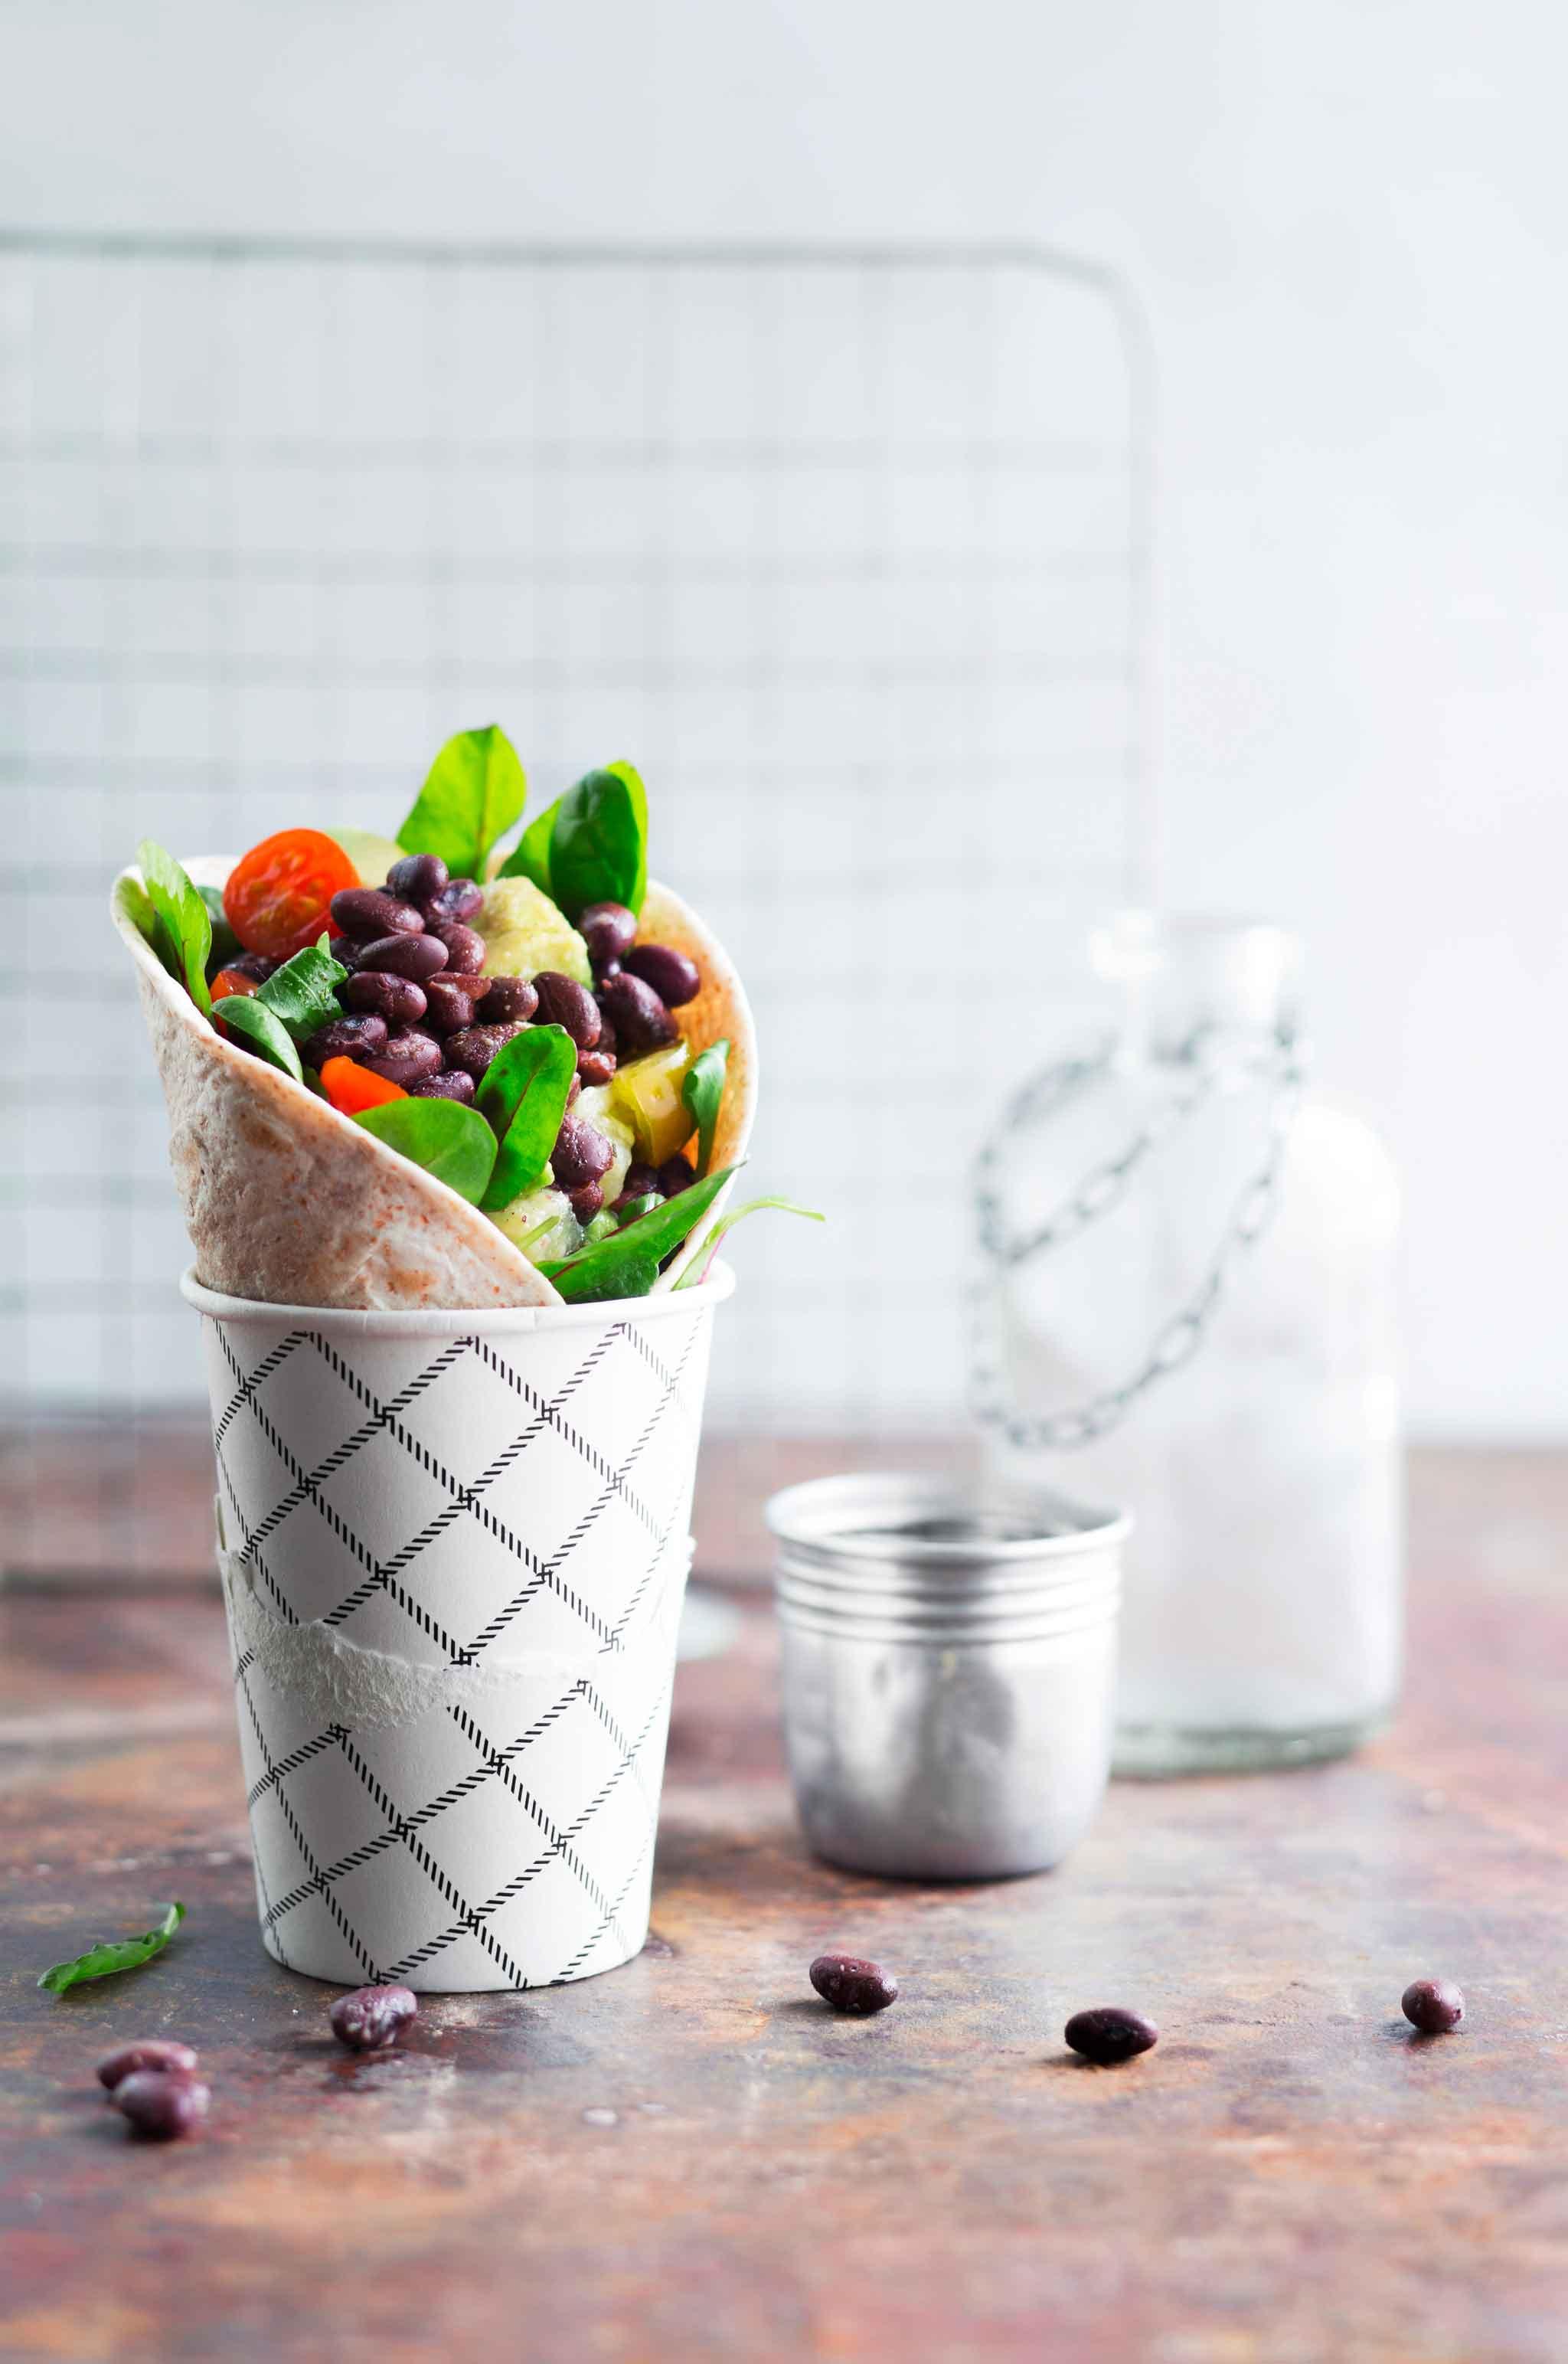 Nopea arkiruoka syntyy esimerkiksi mustista tölkkipavuista, avokadosta, ananaksesta ja tomaatista.